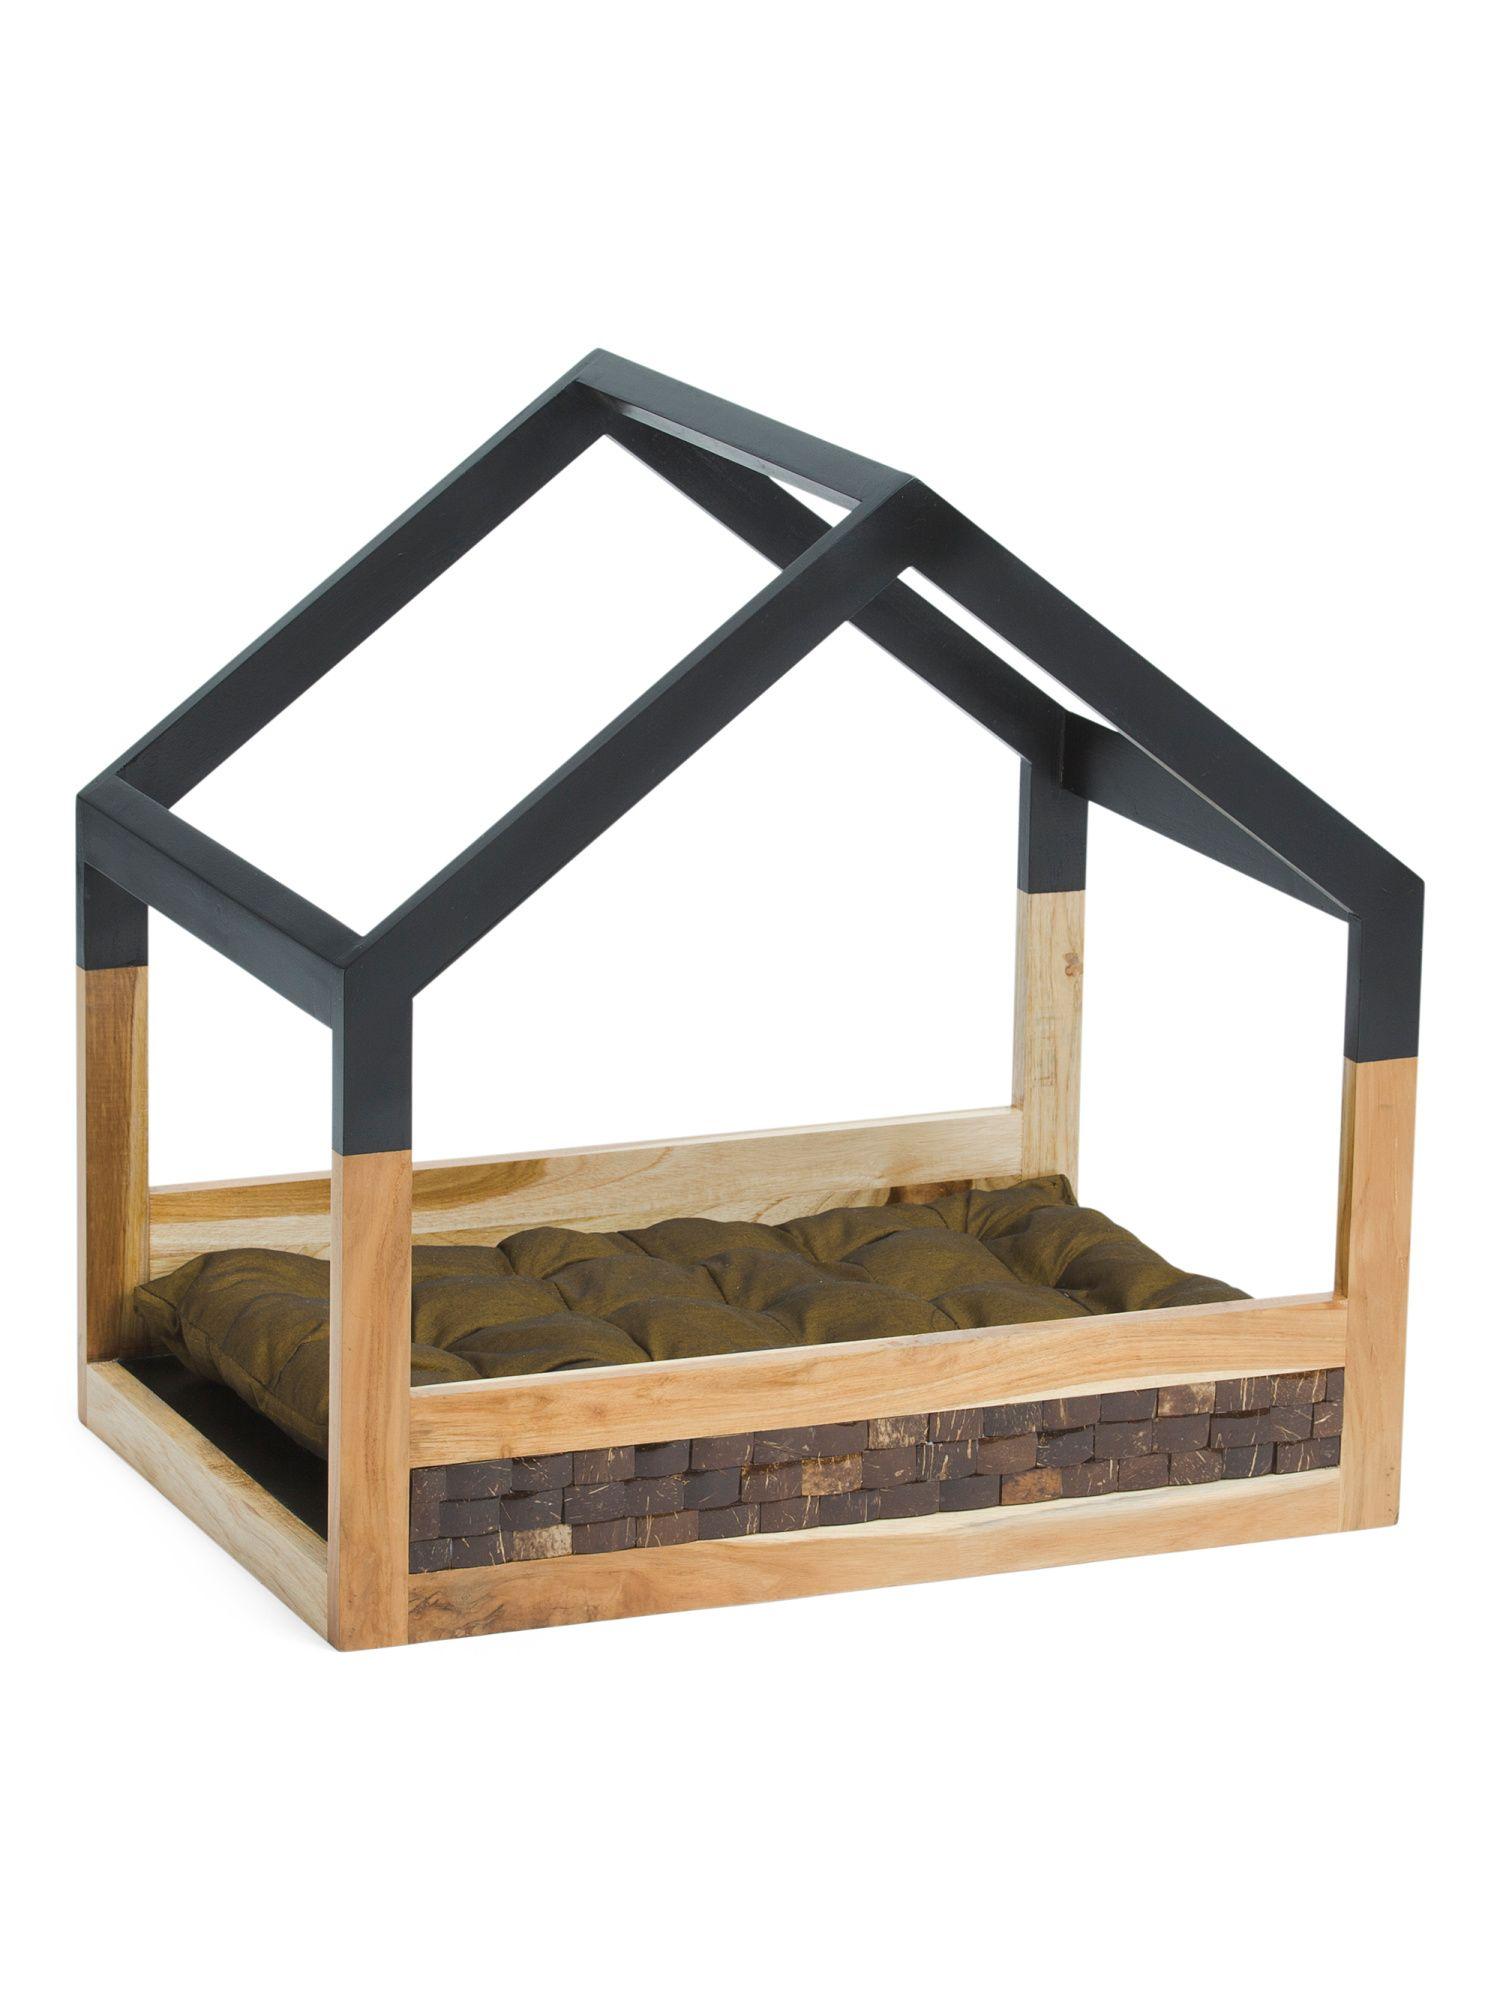 Outdoor Wooden Pet Bed Stuffed animal storage, Pet beds